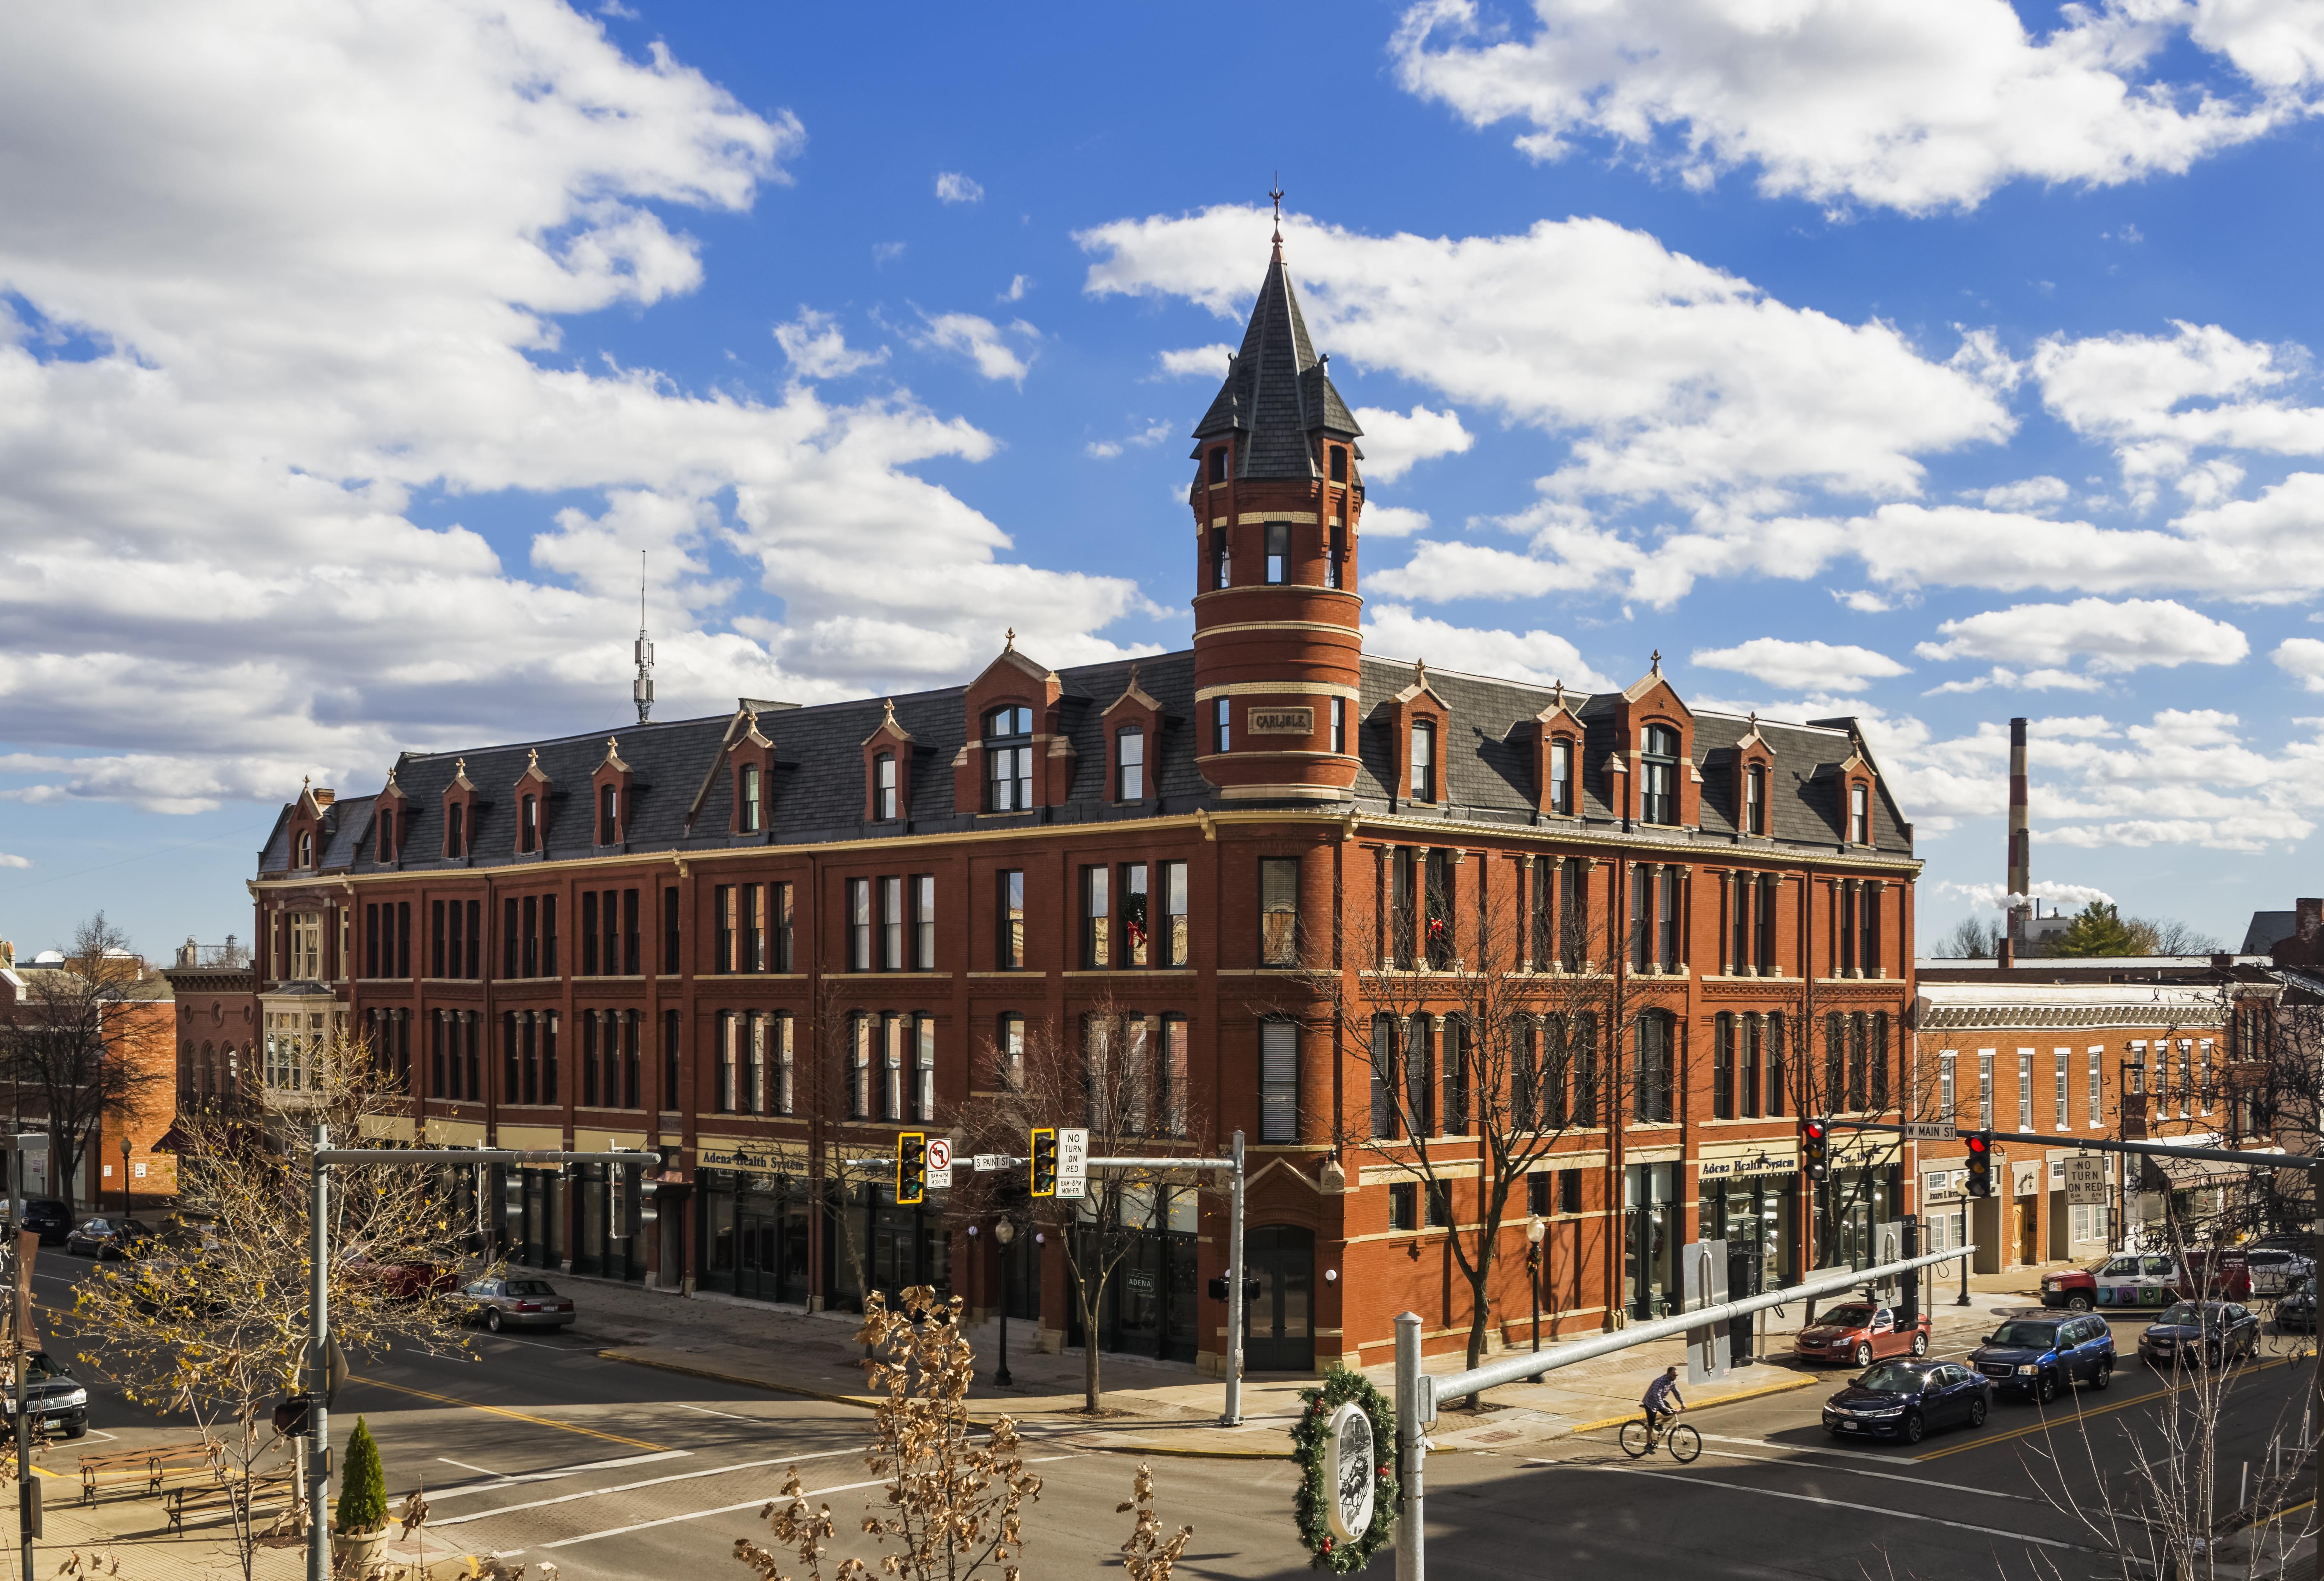 Architectural Gem Saved Repurposed in Ohio